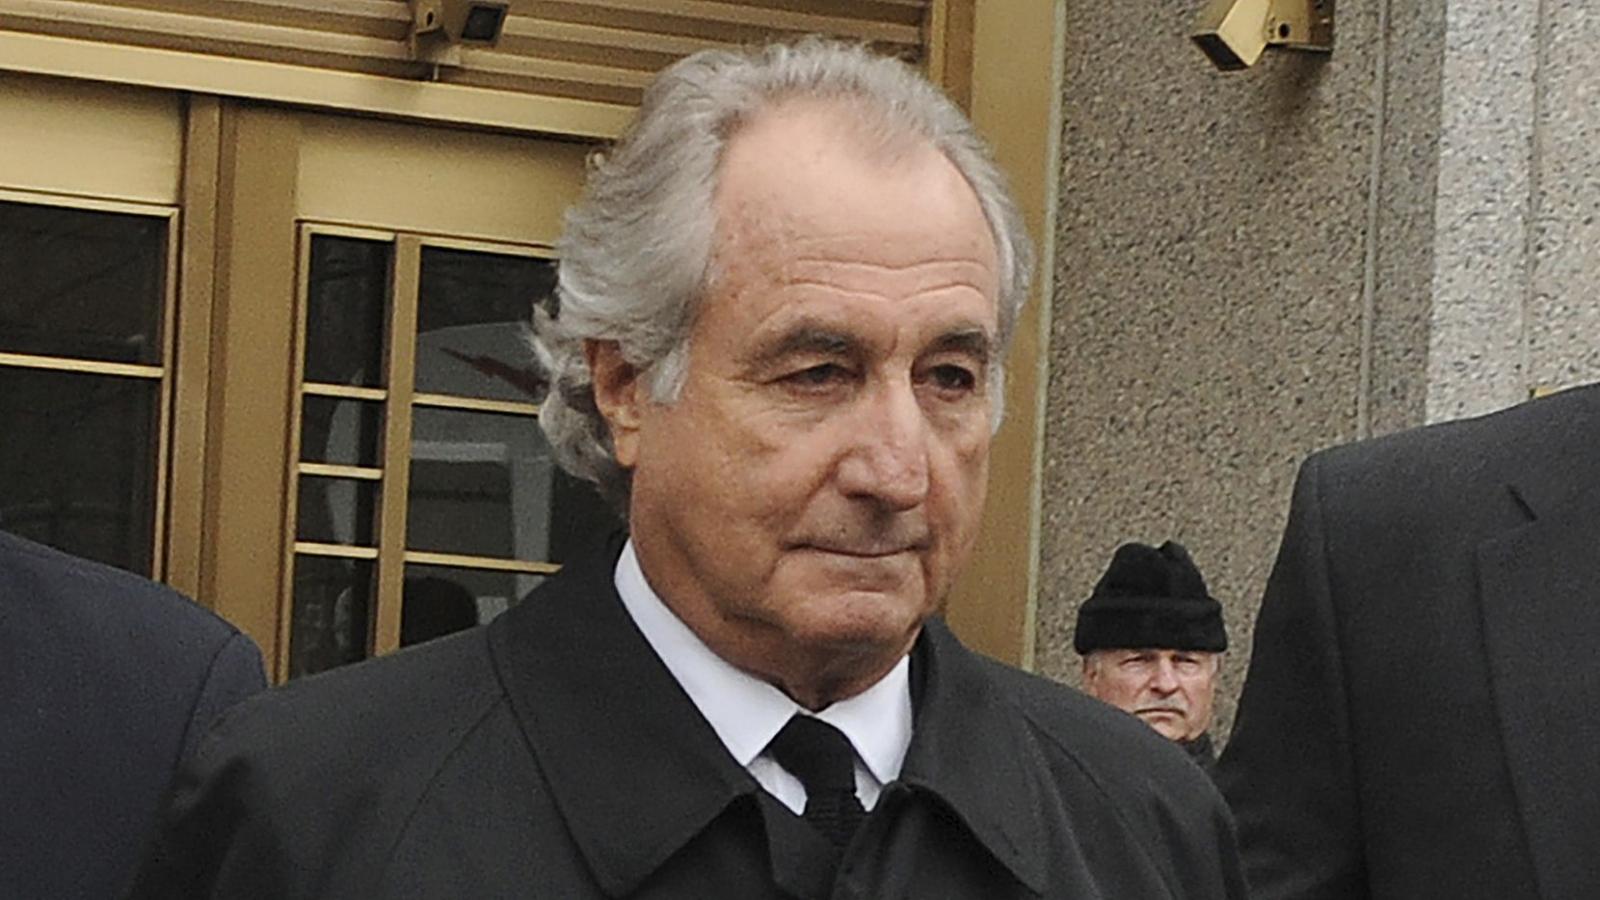 Trùm lừa đảo khét tiếng Bernie Madoff qua đời trong tù ở tuổi 82